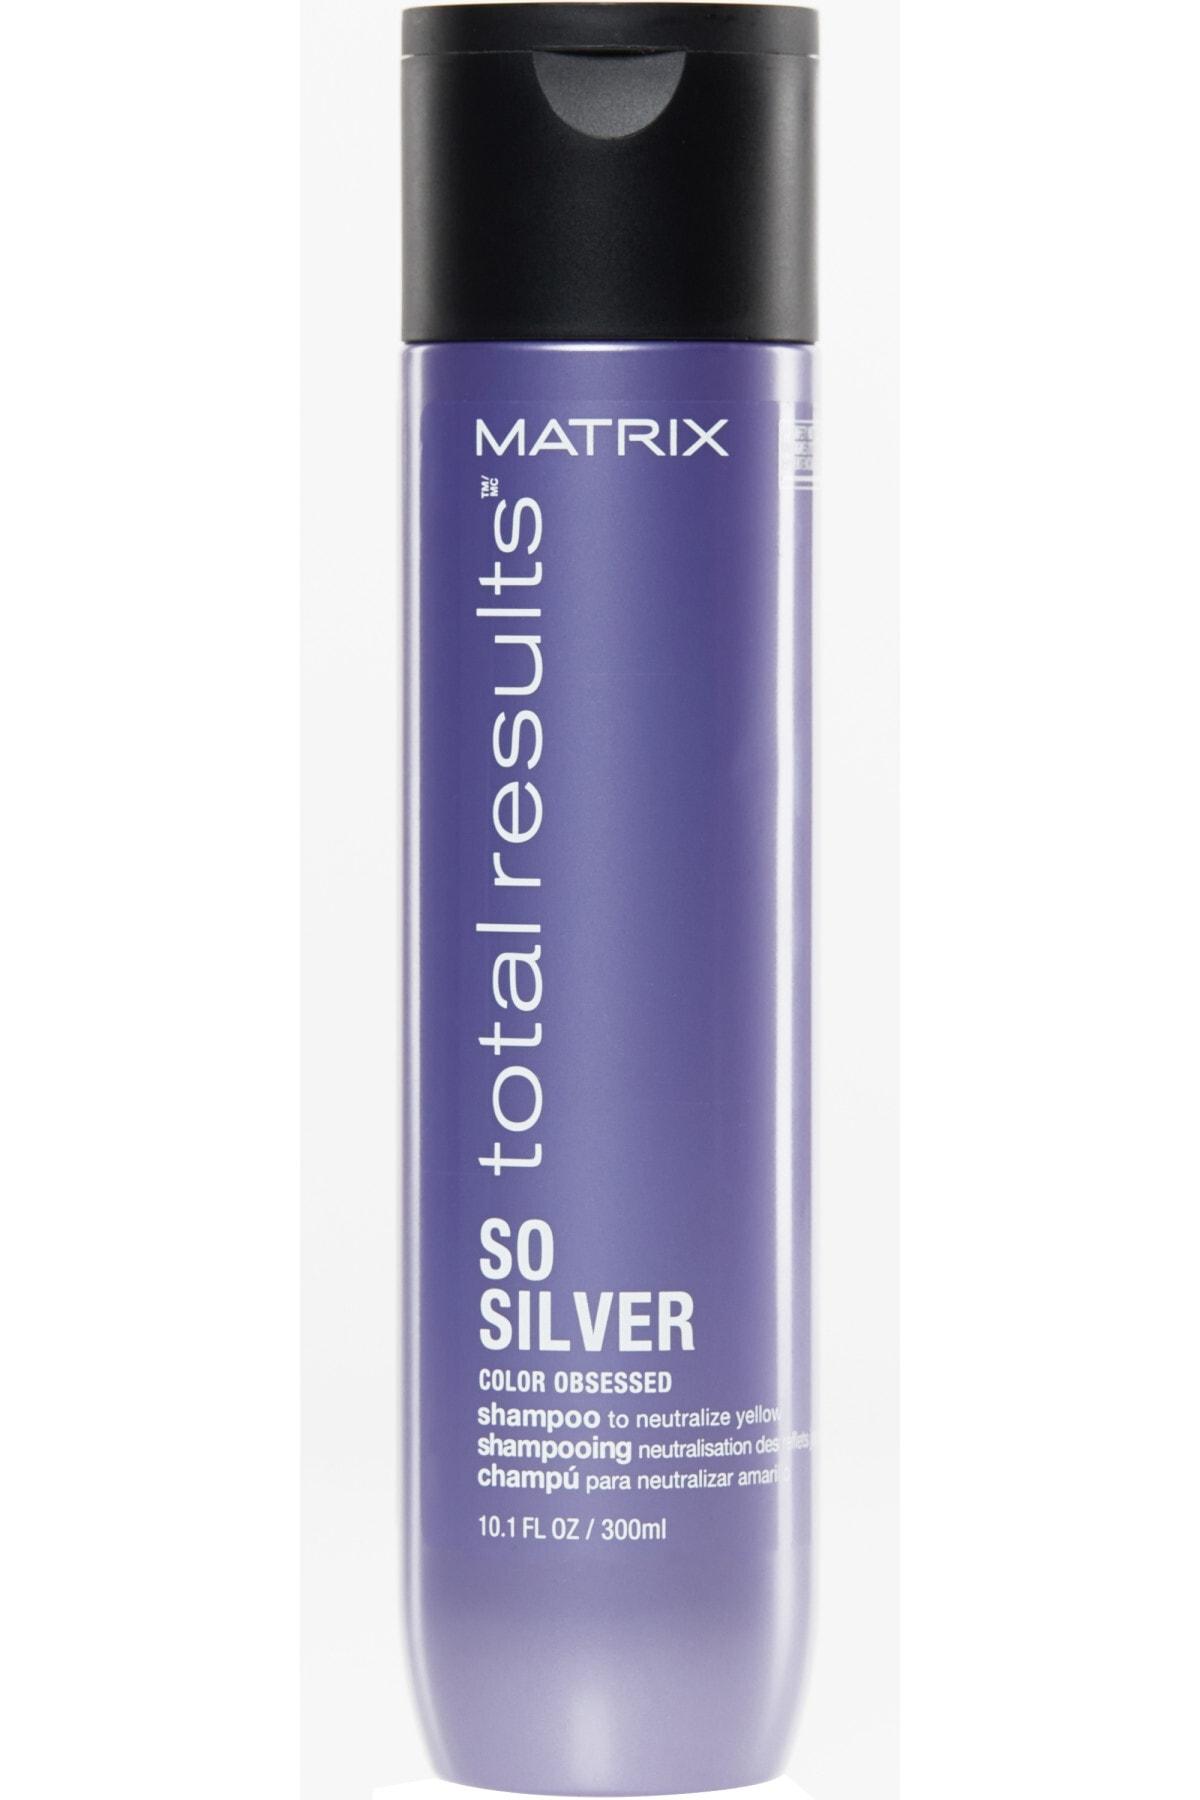 Matrix So Silver Gri, Platin ve Beyaz Saçlar için Renk Koruyucu Mor Şampuan 300 ml